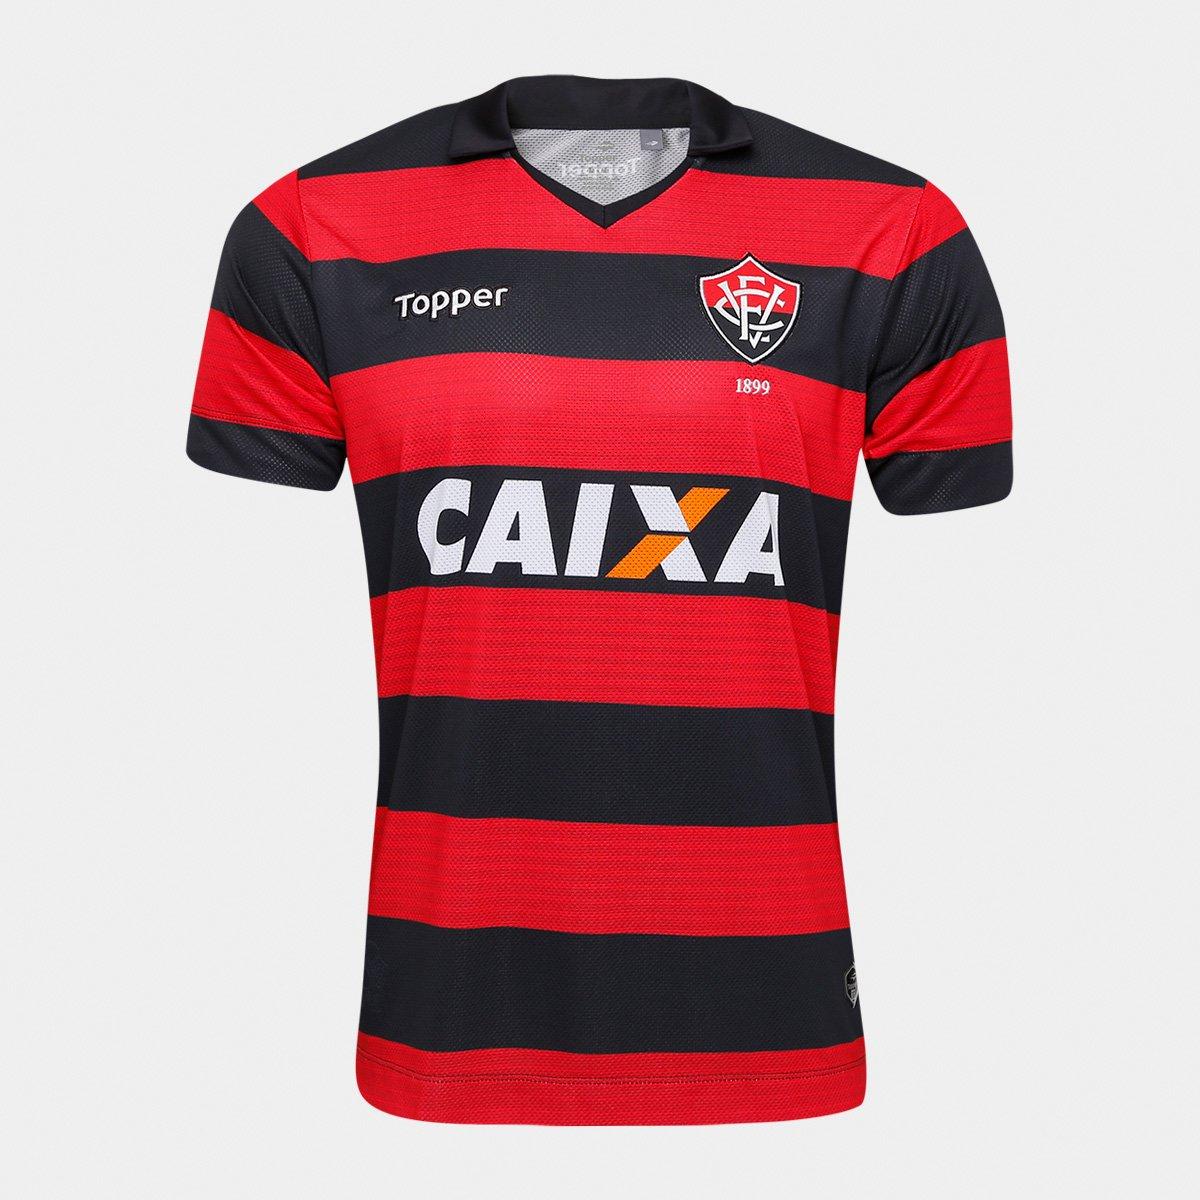 65e5192eb4931 Camisa Vitória I 17 18 s n° - Torcedor Topper Masculina - Vermelho e Preto  - Compre Agora